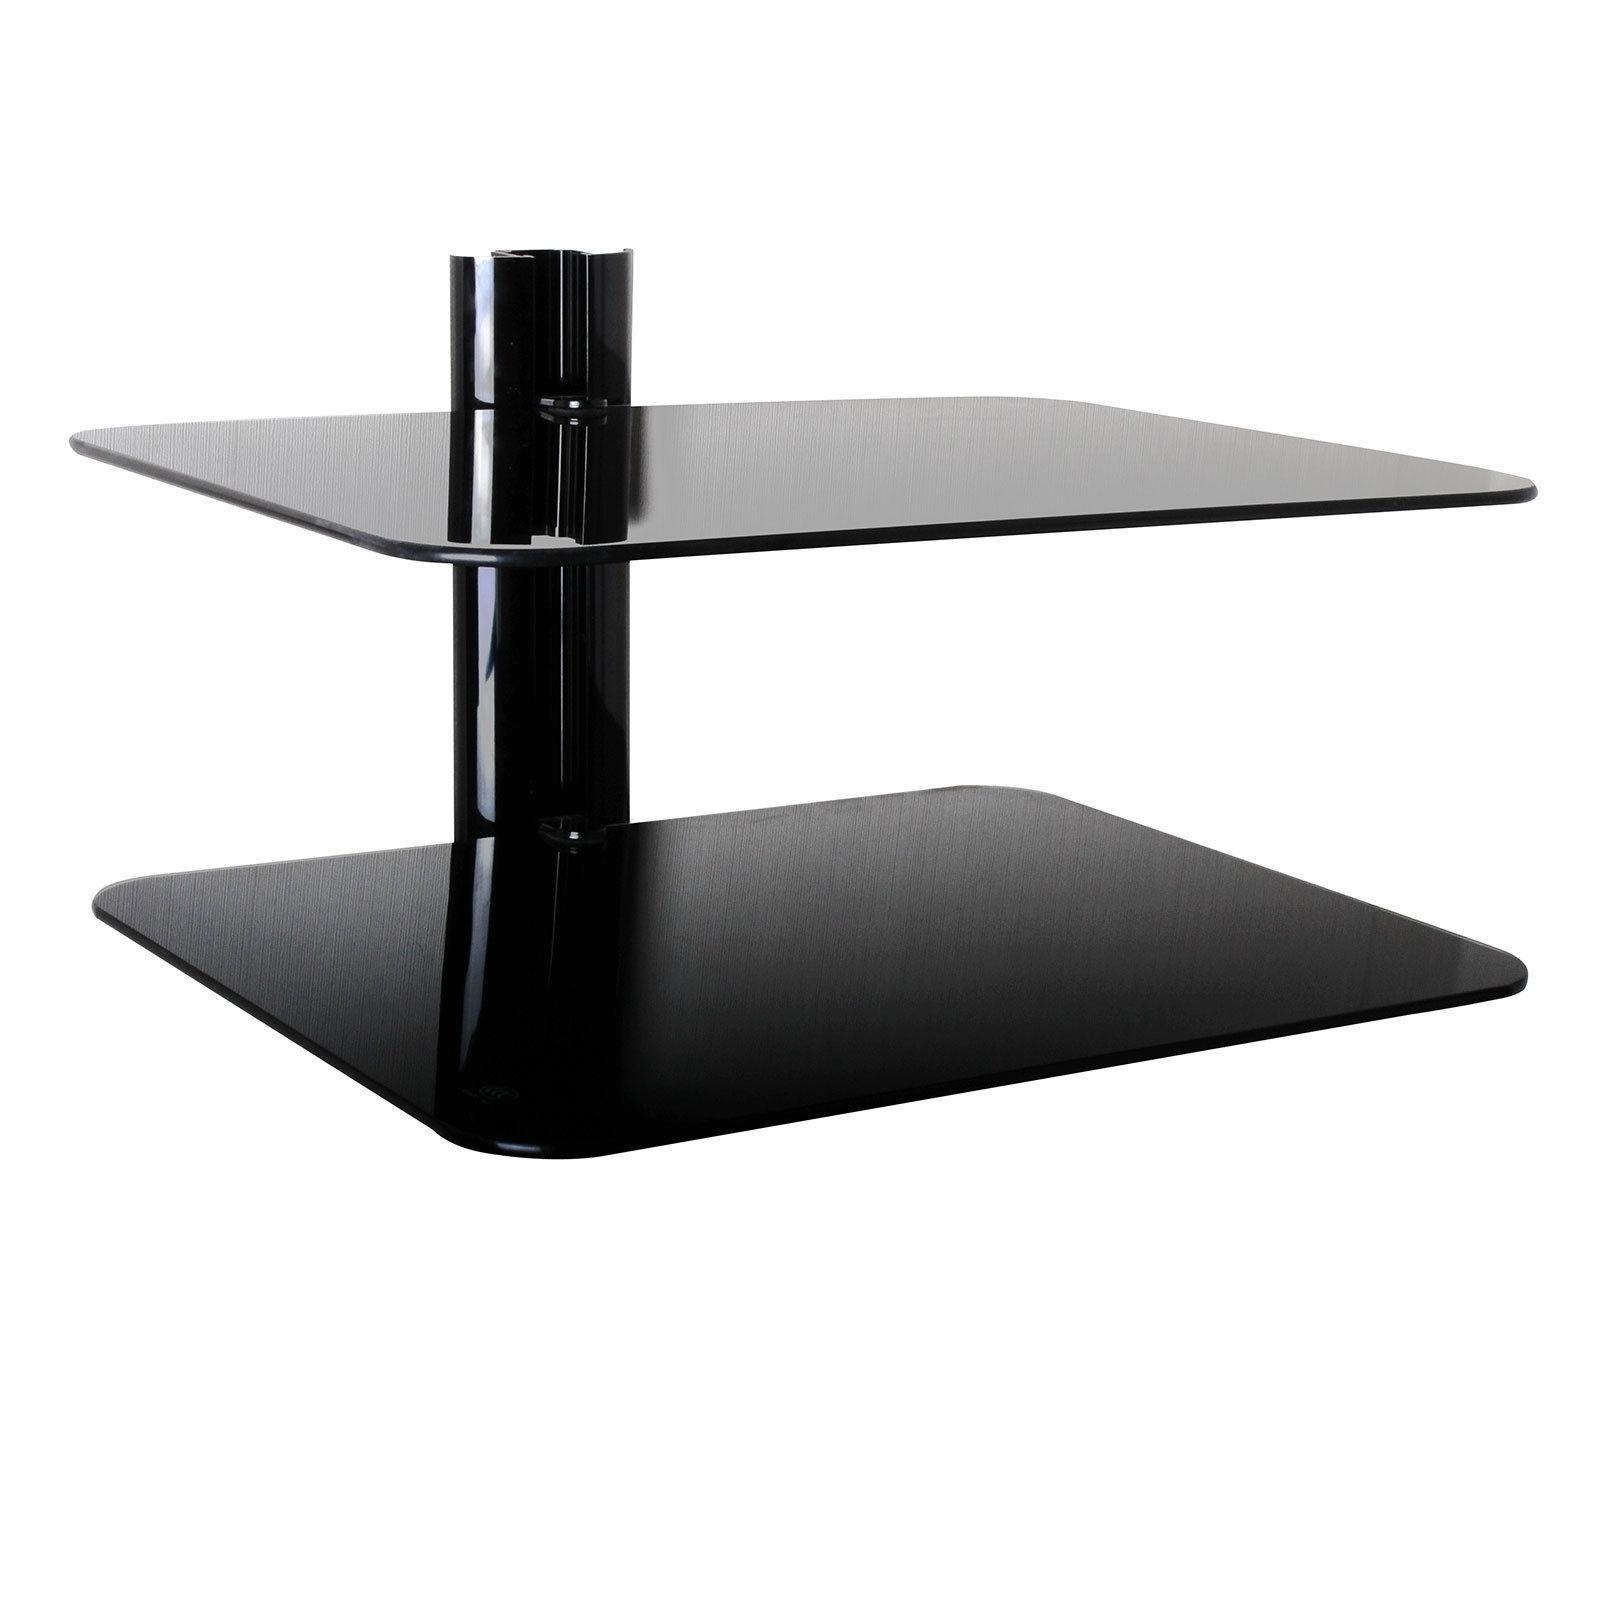 Floating Black Glass Shelves Gc810 Home Shelves Within Floating Black Glass Shelves (View 5 of 15)